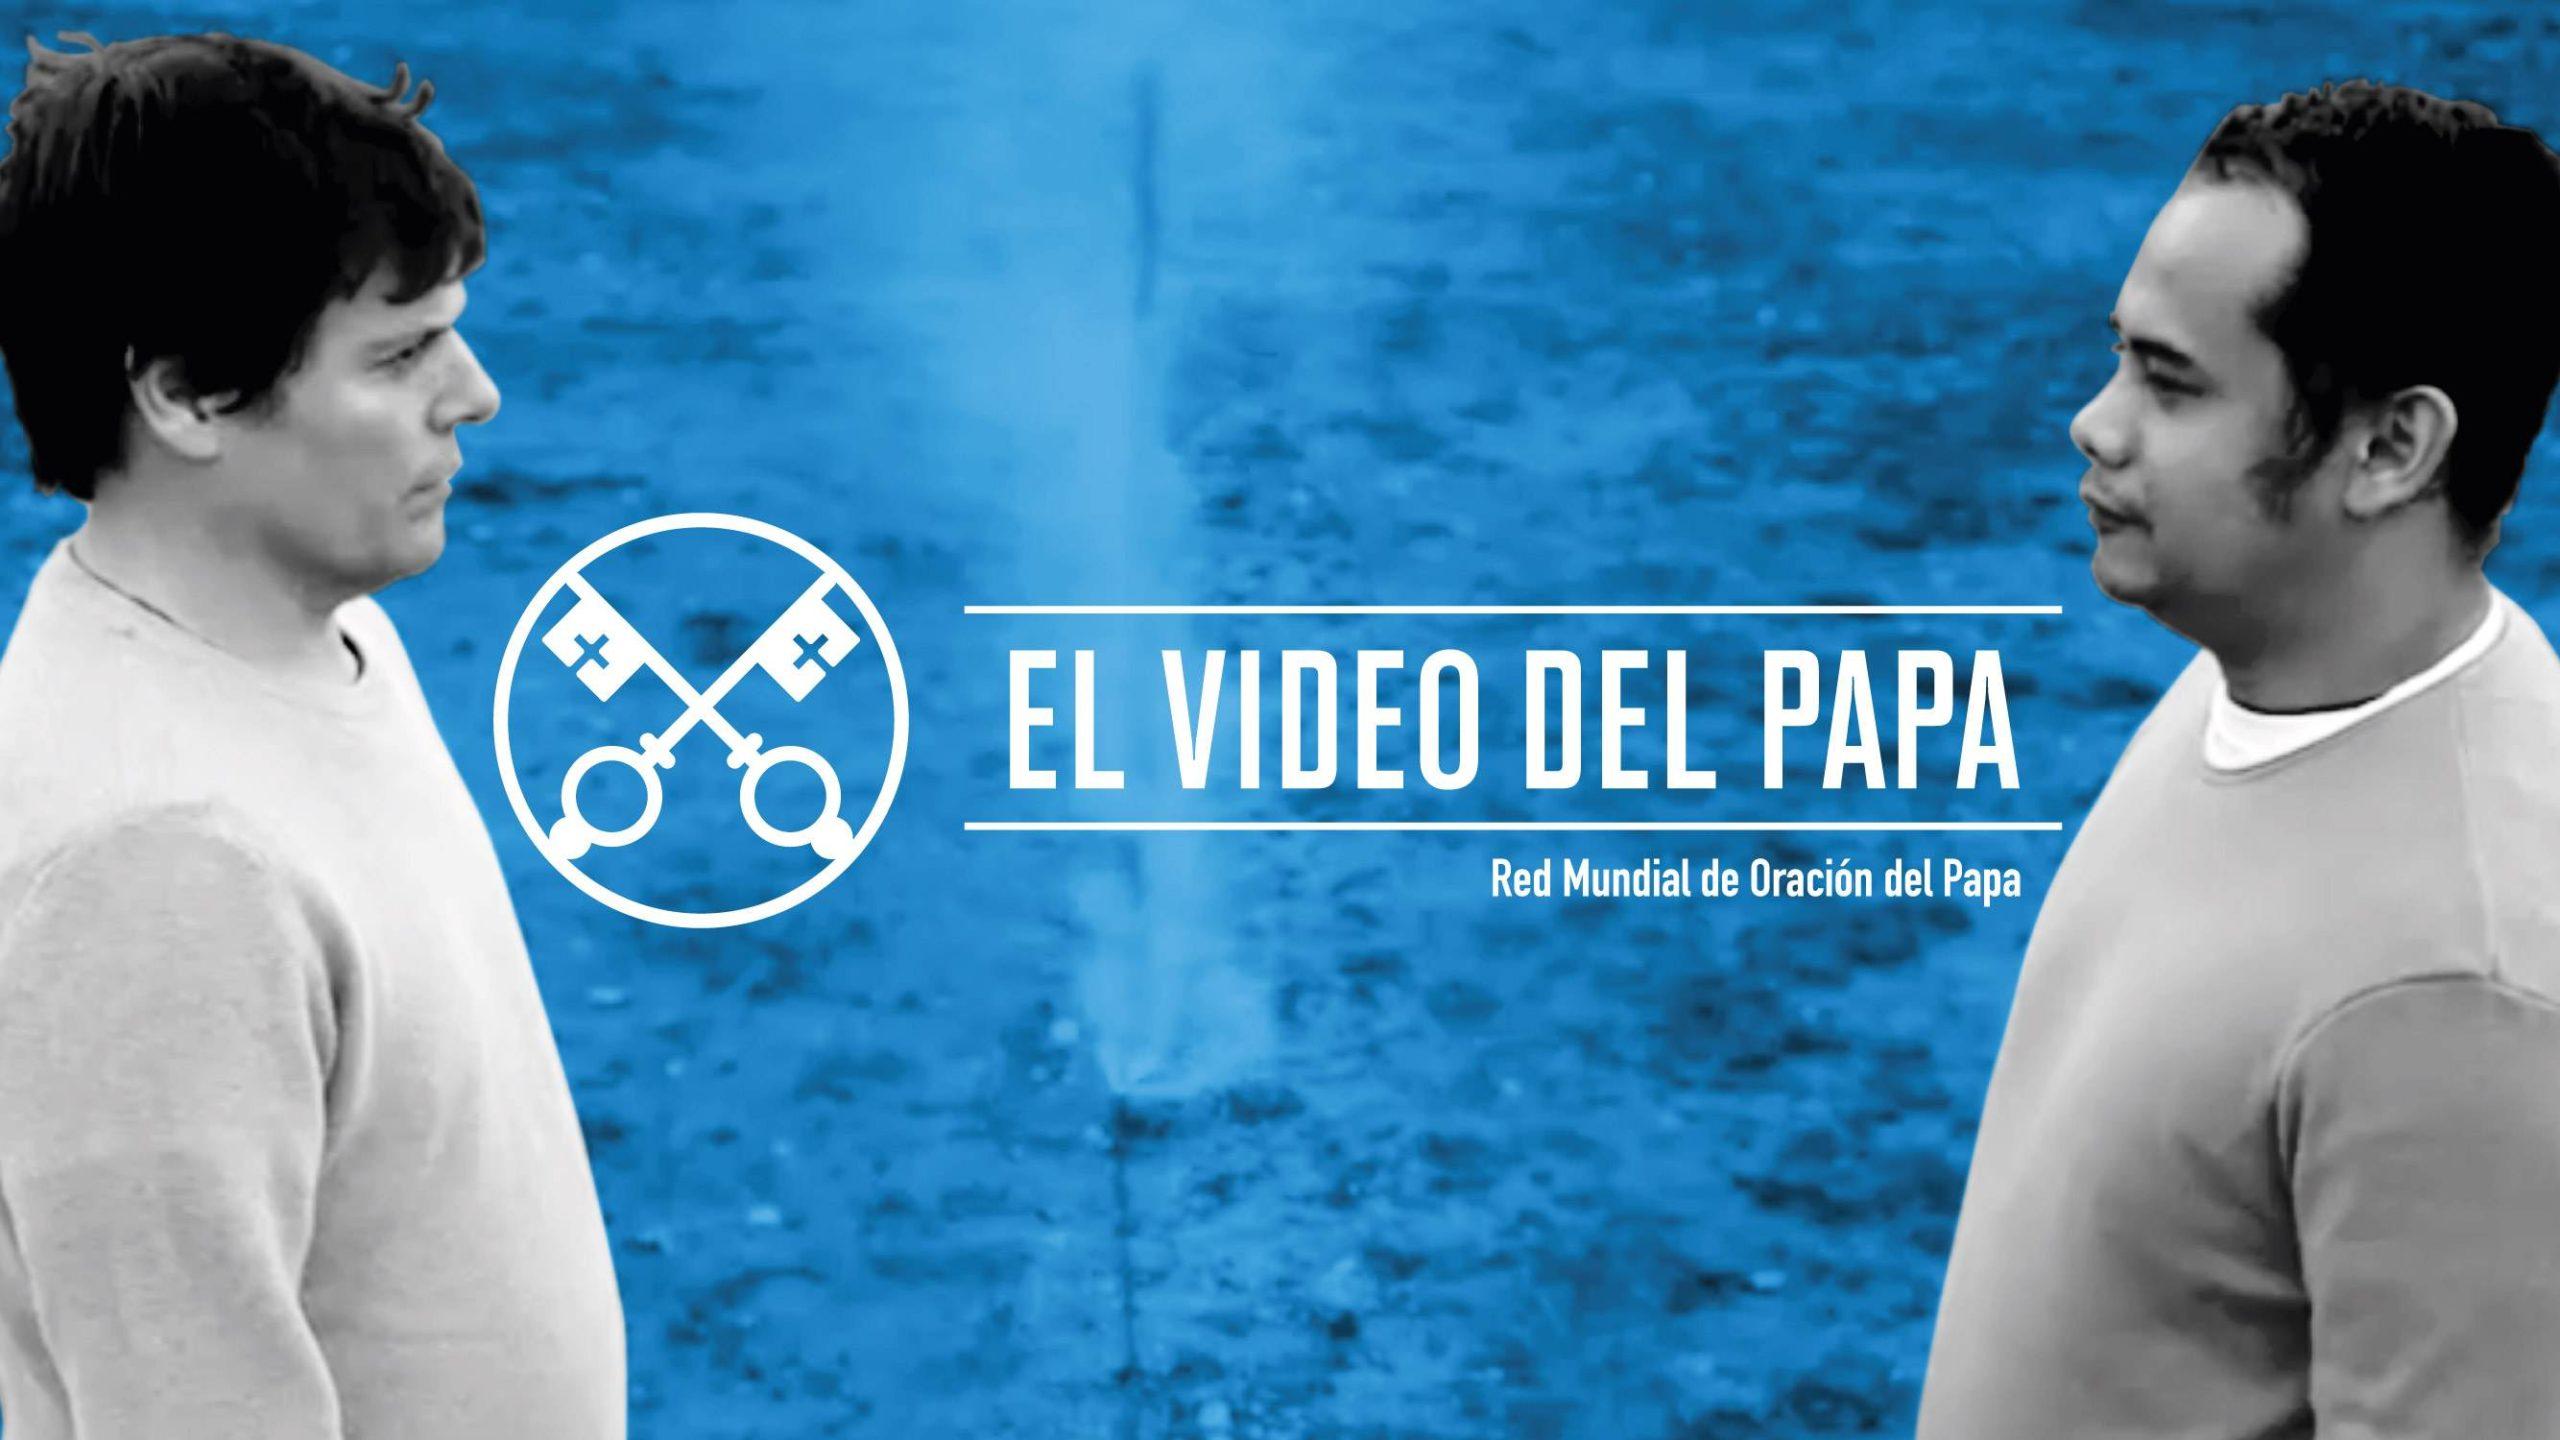 Official Image - TPV 1 2020 ES - Promocion de la paz en el mundo